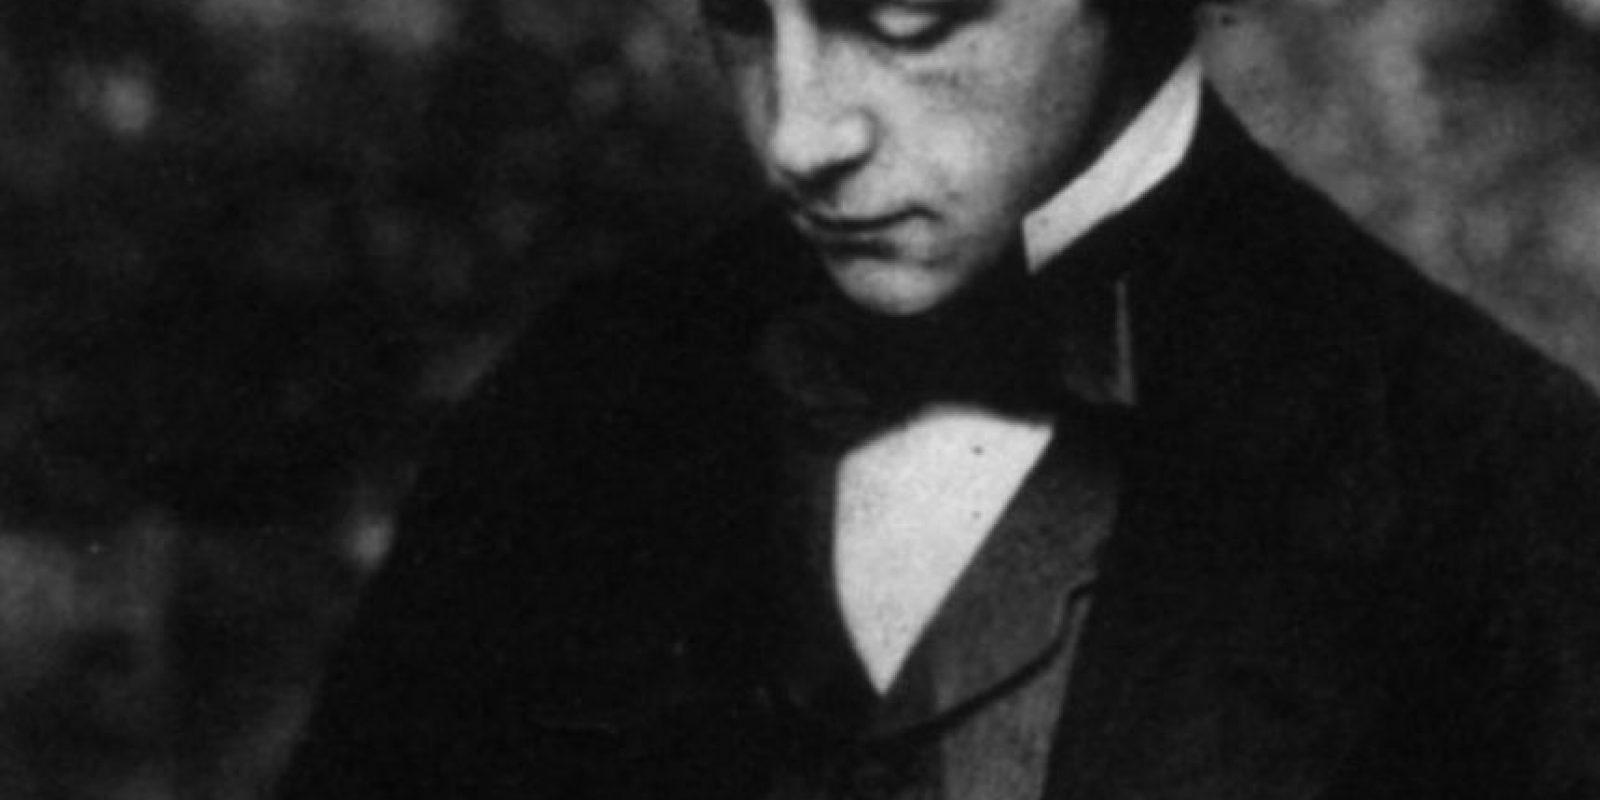 """Lewis Carroll: El creador de """"'Alicia en el País de las maravillas"""" era tímido y nunca se casó. Su musa fue la pequeña Alice Liddell y a un montón de niñas amigas suyas, a las que fotografió en poses que para los estándares de hoy serían bastante impropias para su edad. También se rumorea que tuvo en propiedad fotos de niñas desnudas. Por esto lo catalogaron de pedófilo. Foto:Getty Images"""